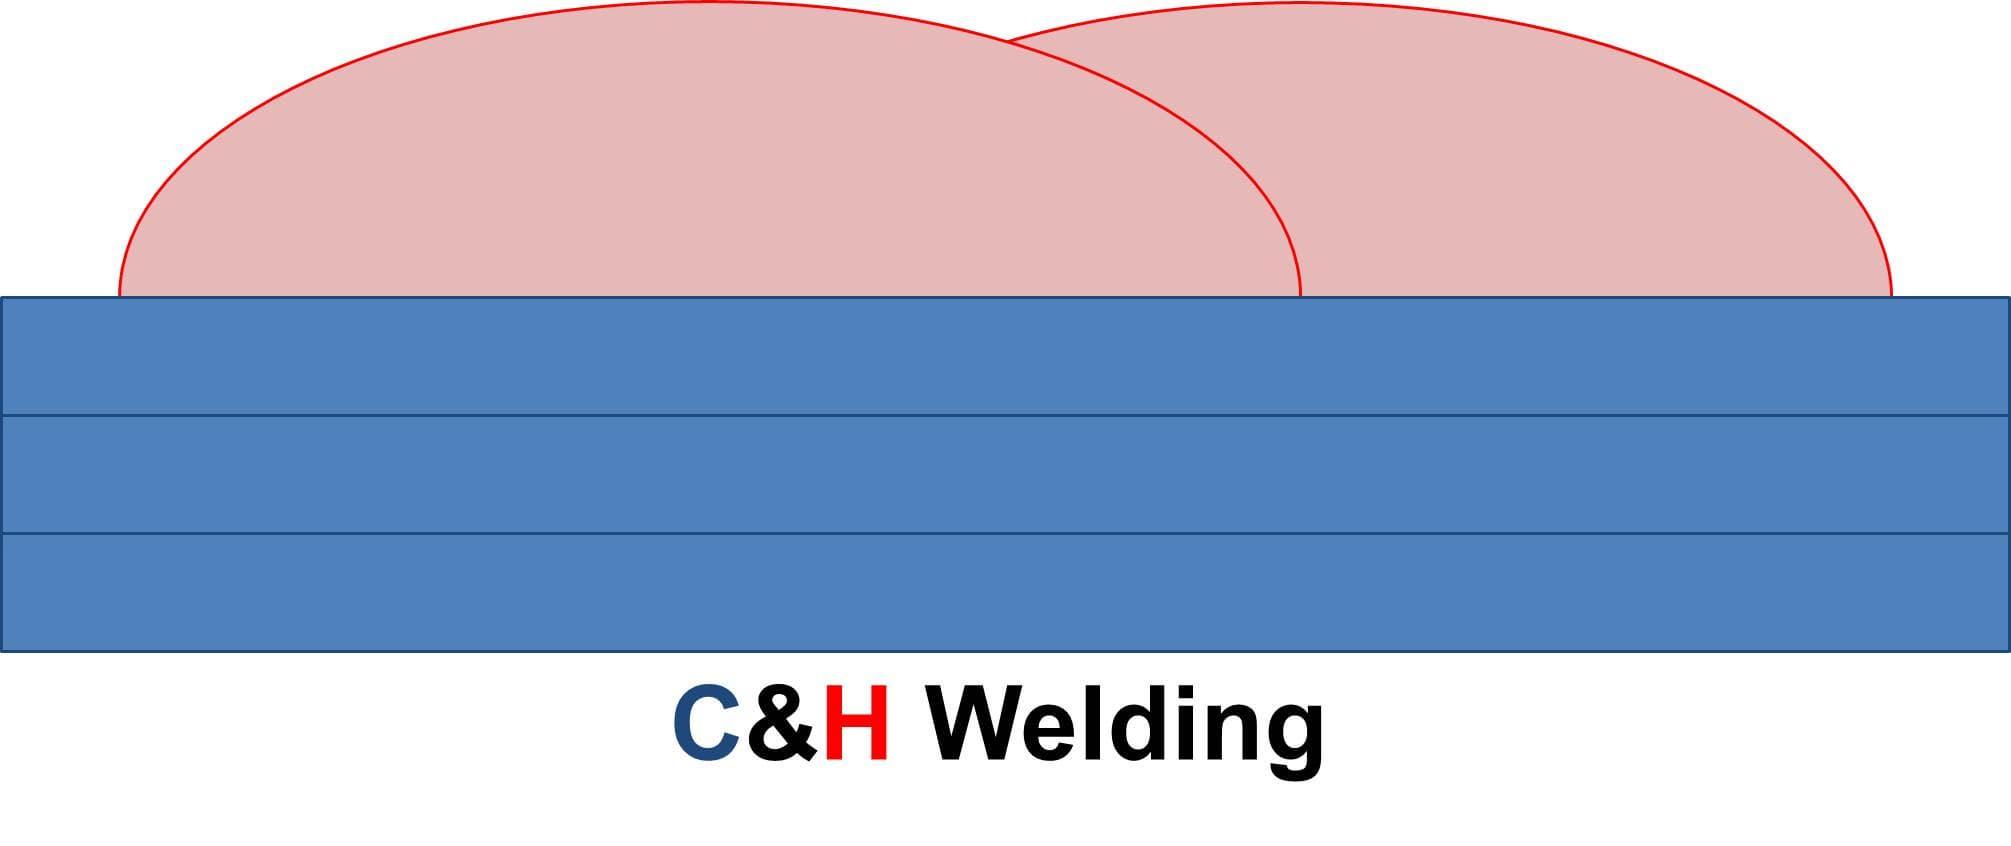 CnH Welding